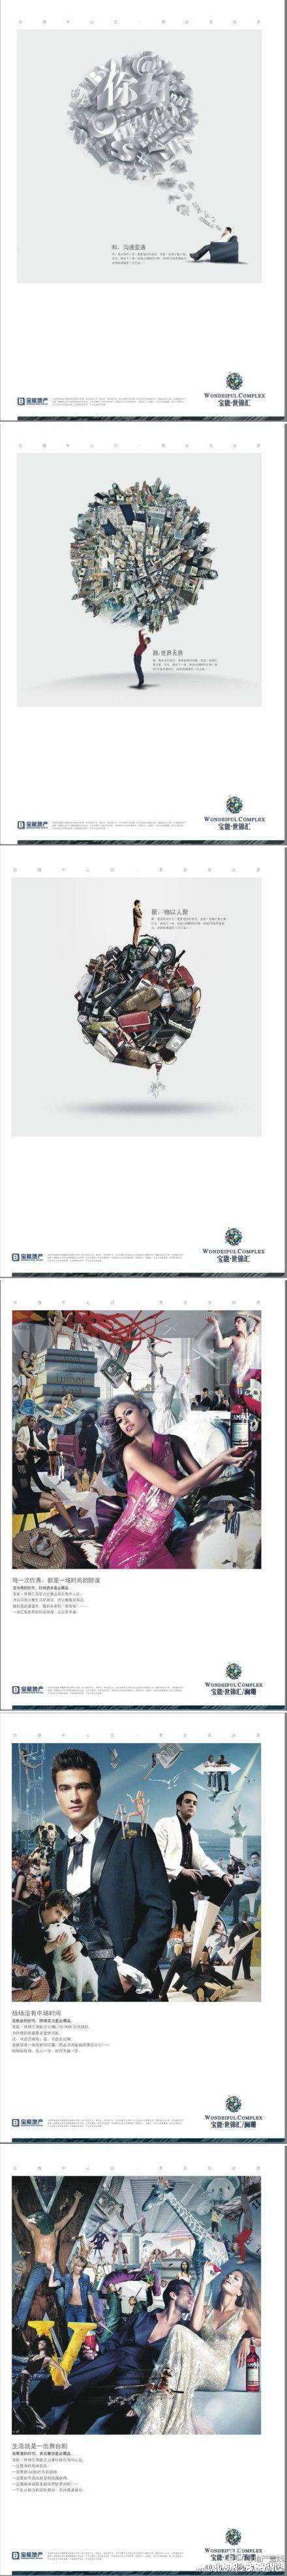 重庆房地产广告精选的微博_微博